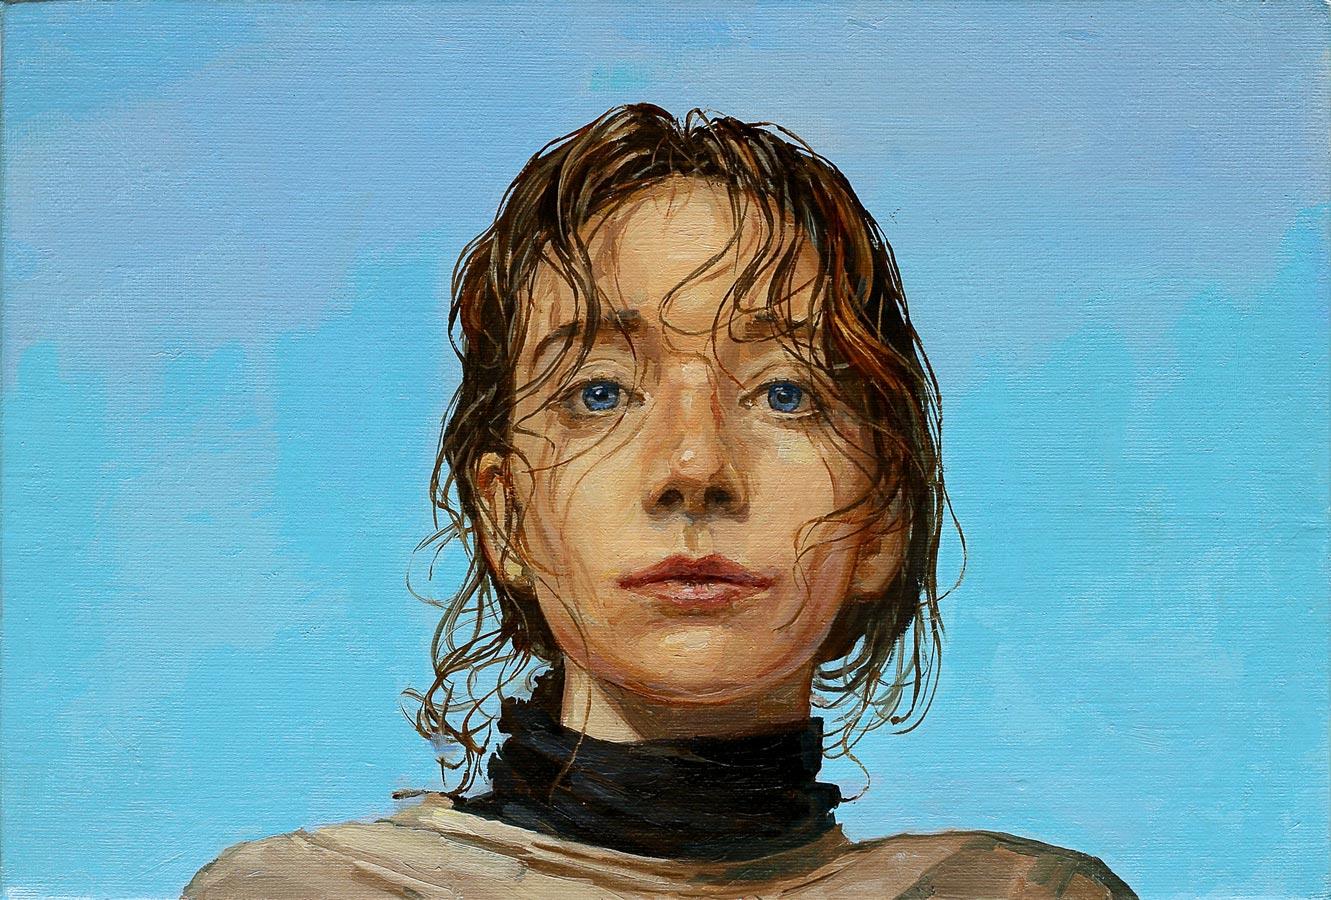 Lila bleu. Huile sur toile, 24 x 35 cm, 2020